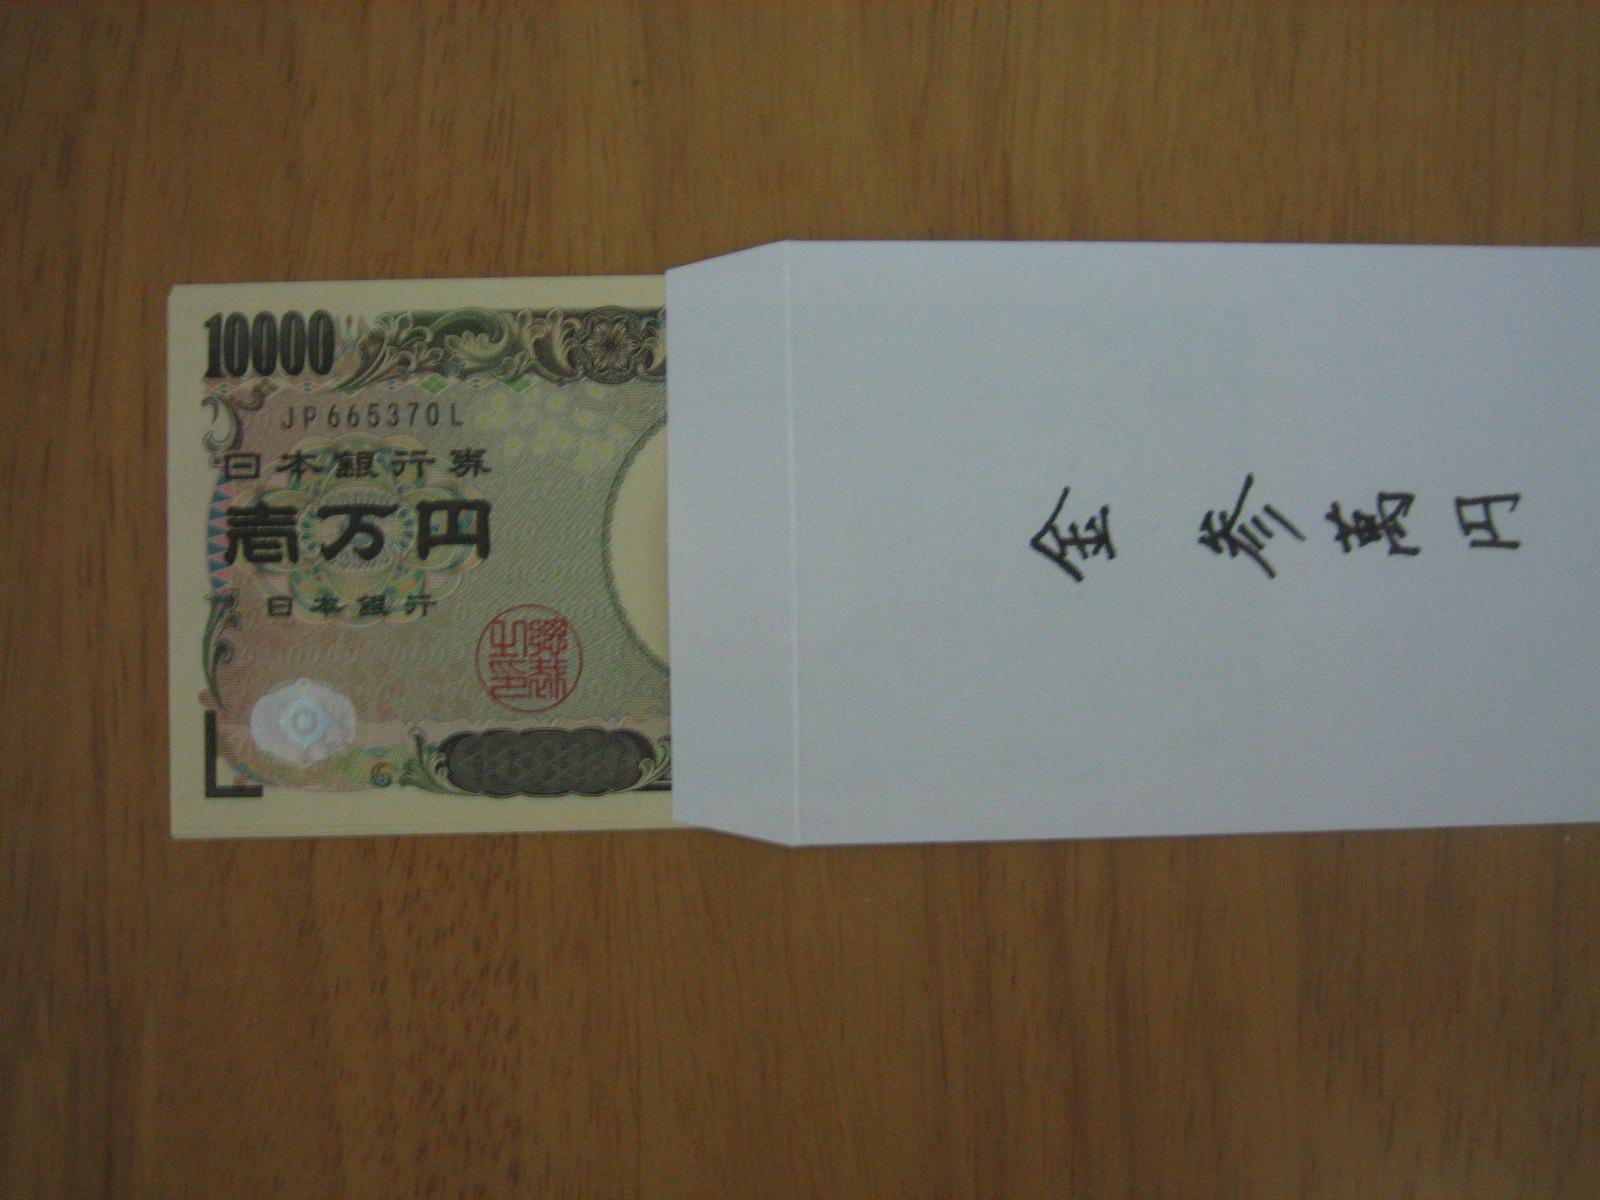 お金 御 向き 祝儀 の